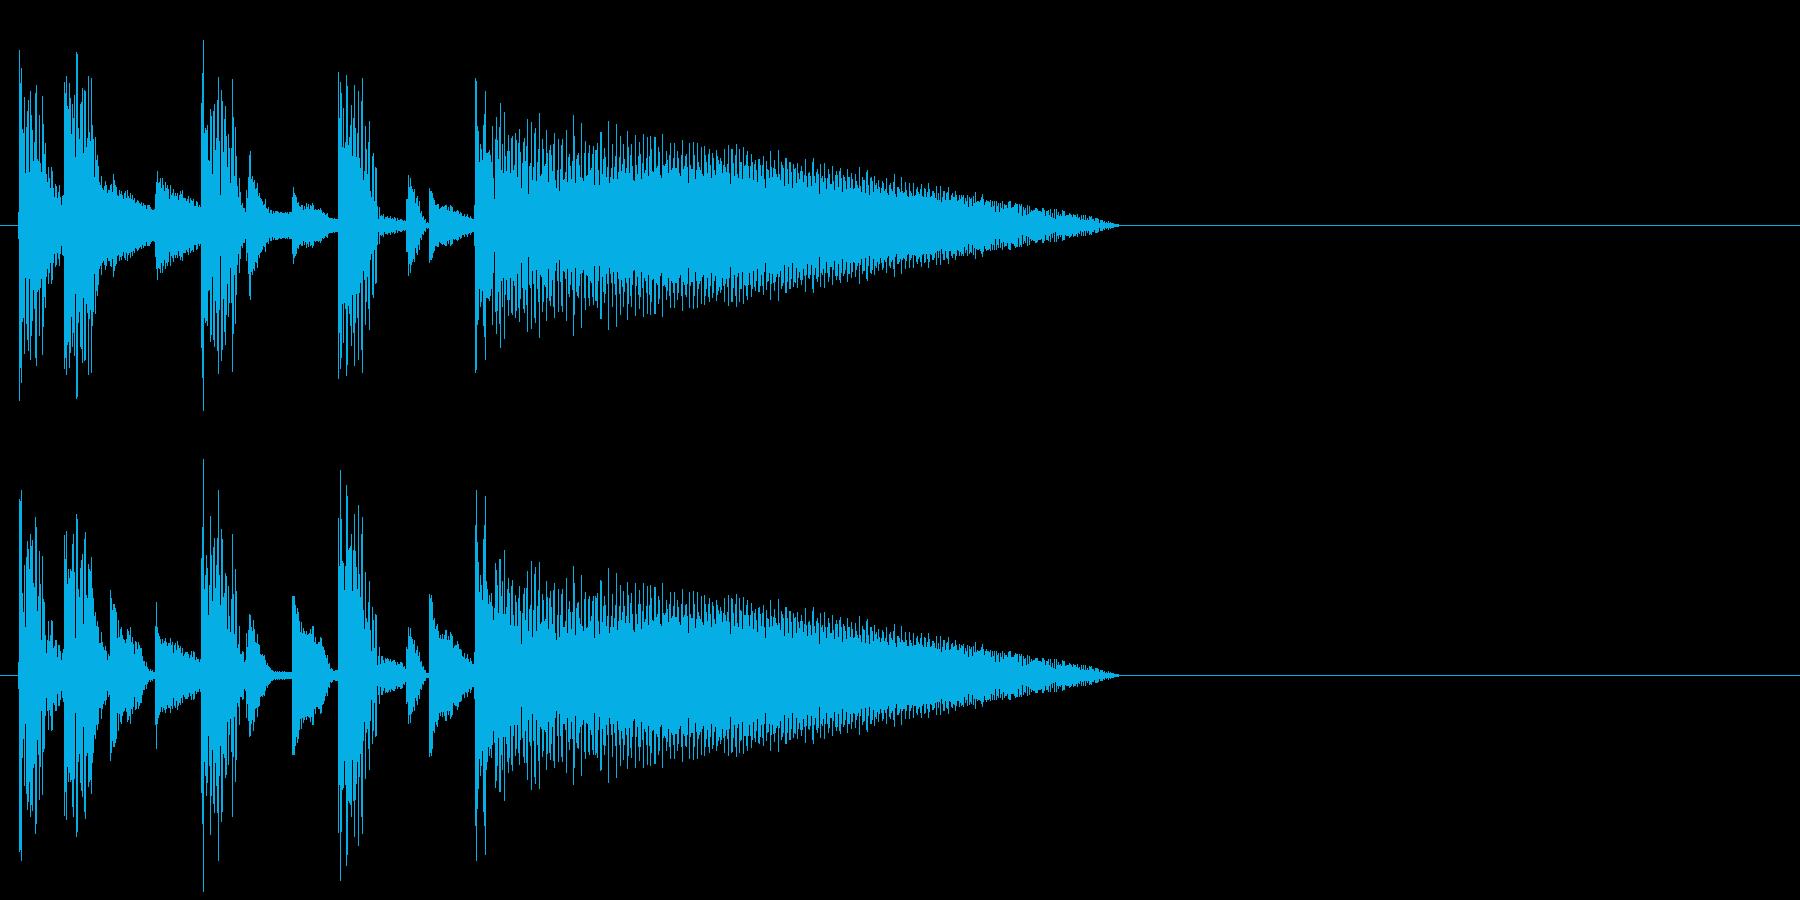 恐怖 不安 緊張 サスペンス 追跡 都会の再生済みの波形